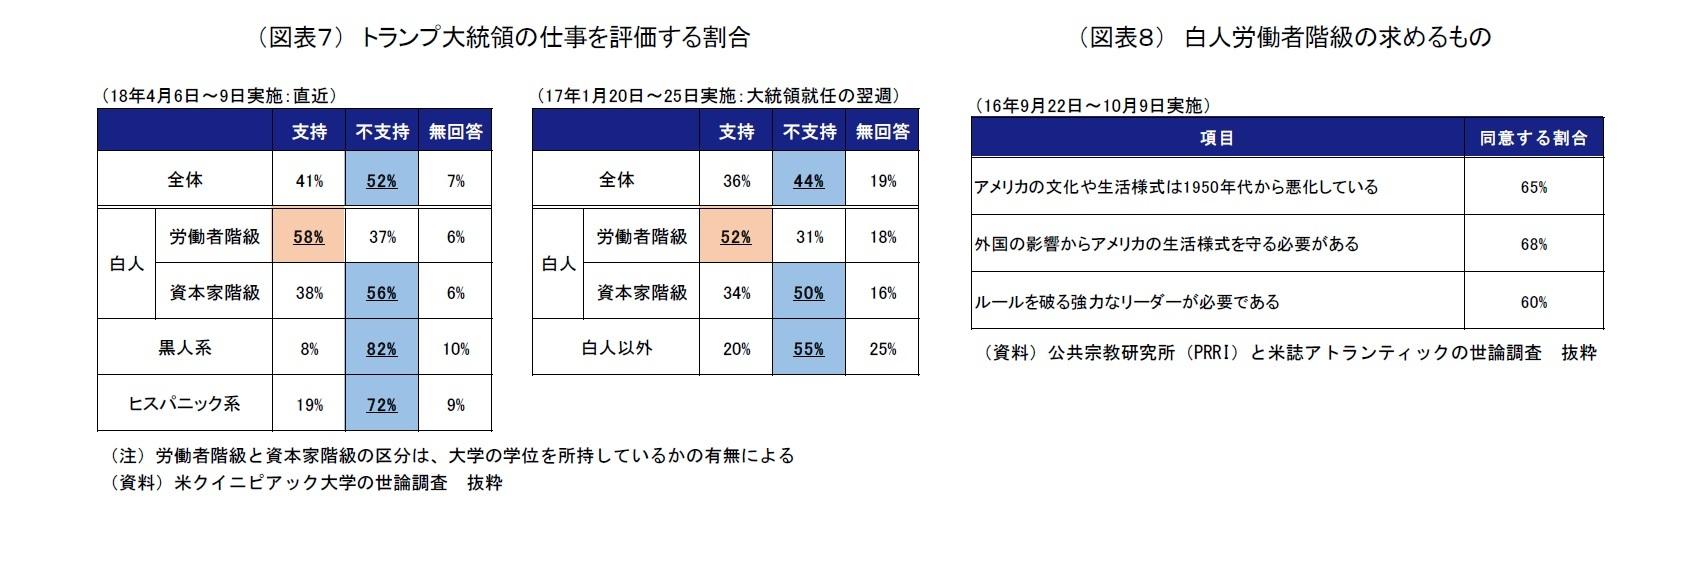 (図表7) トランプ大統領の仕事を評価する割合/(図表8) 白人労働者階級の求めるもの